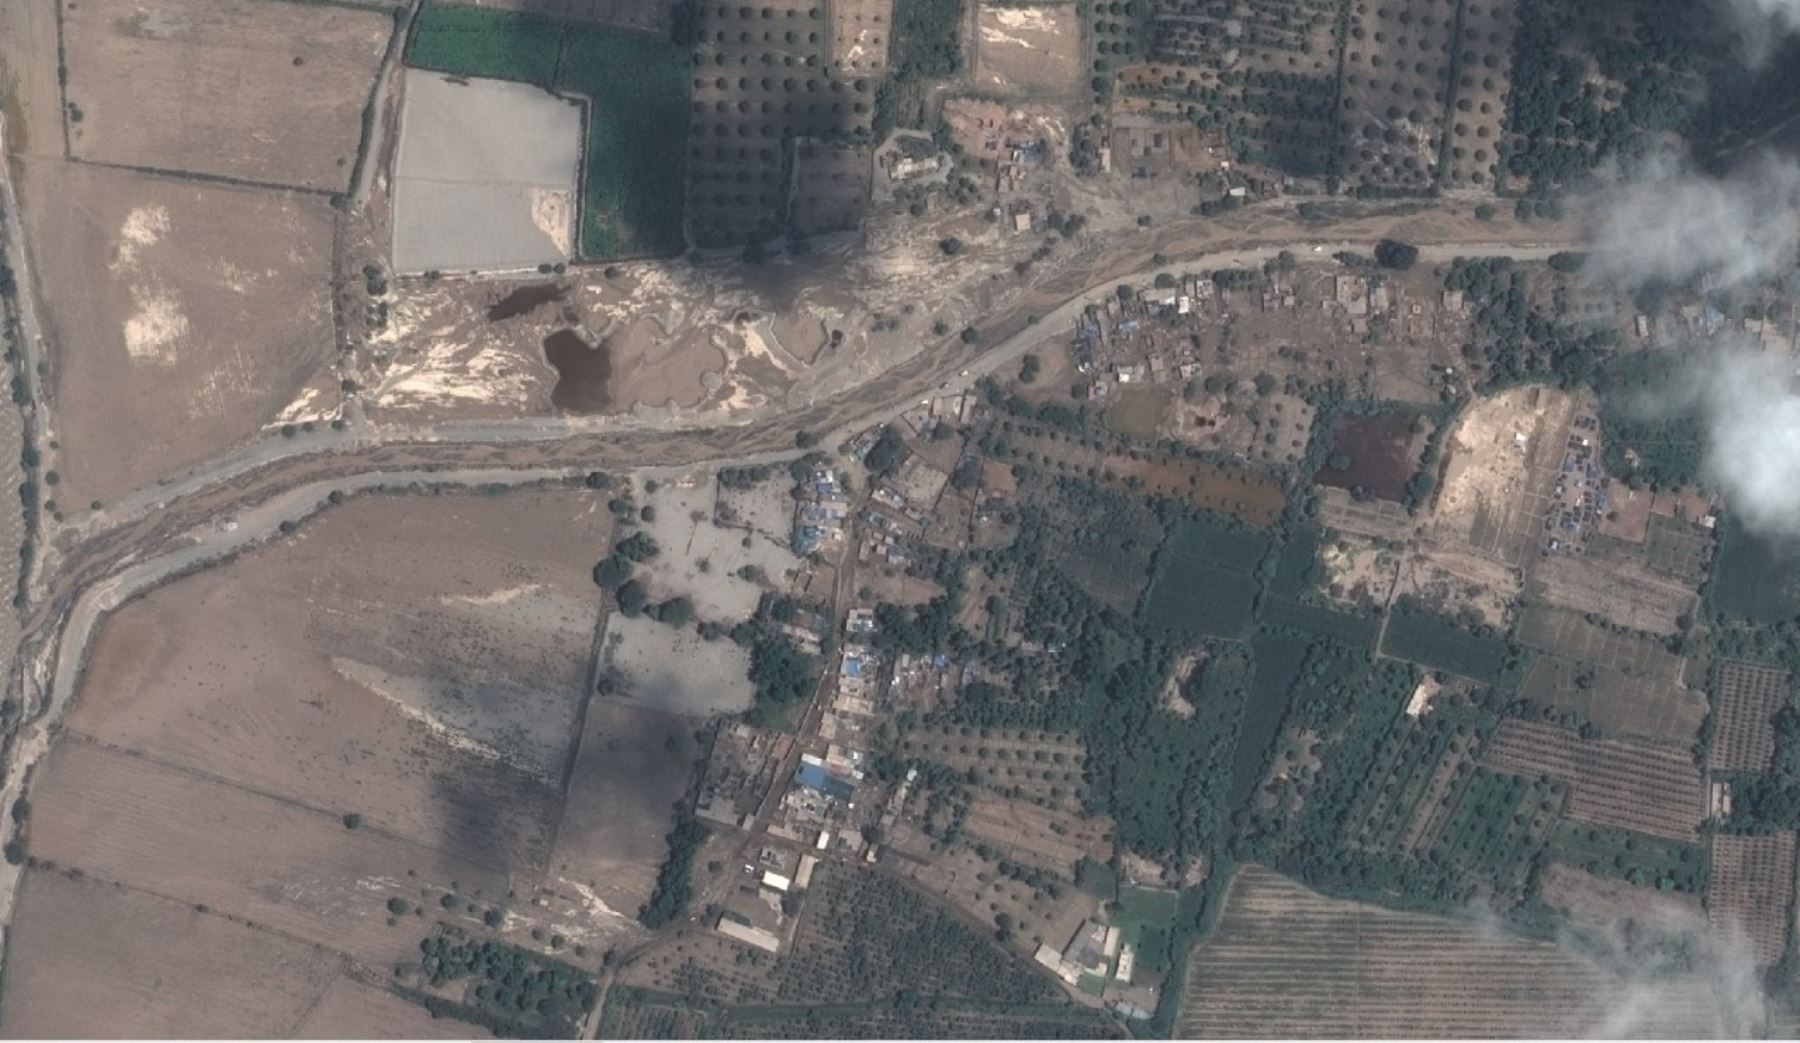 La ciudad de Ica es vista tras las lluvias por el satélite peruano PerúSAT.